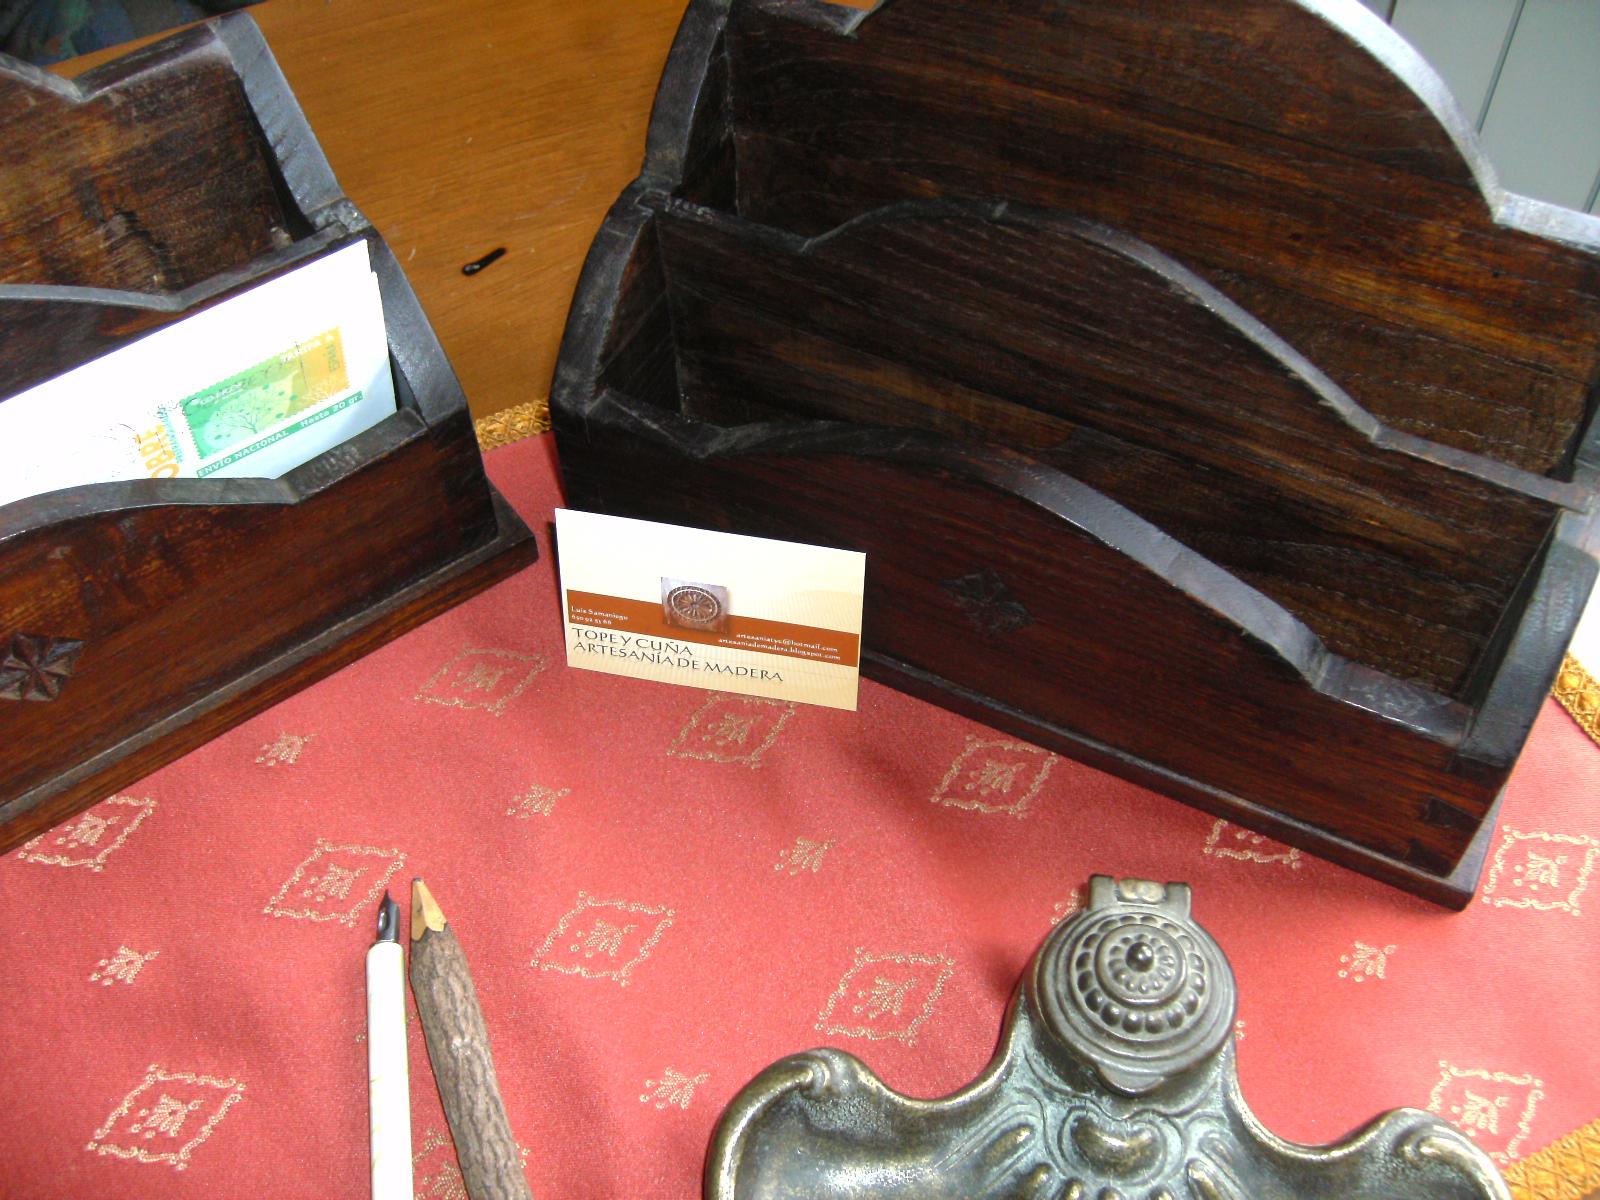 Guardacartas de madera de casta o fotos - Madera de castano ...